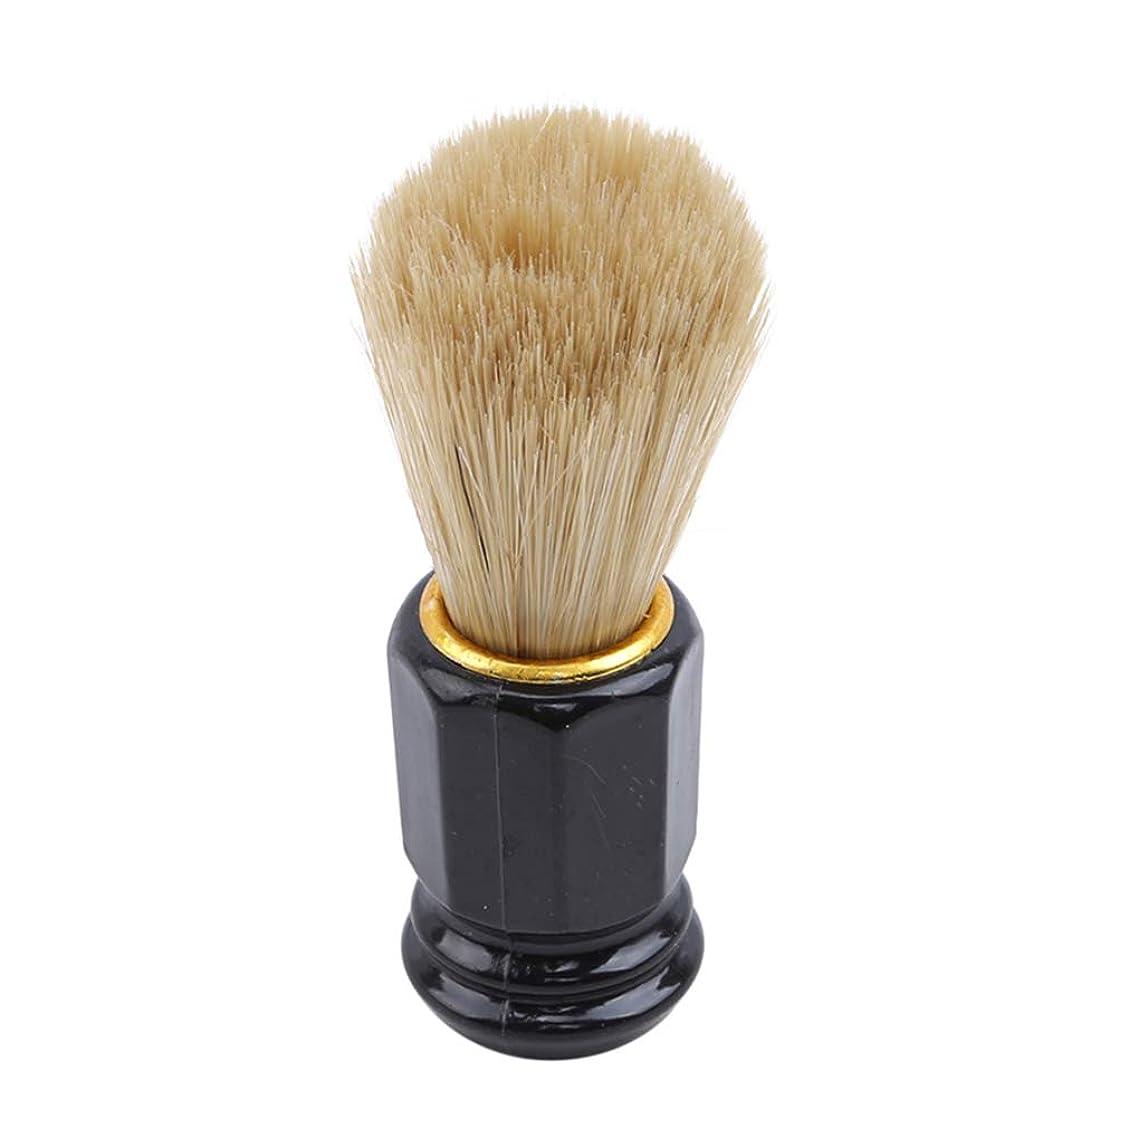 ダーリンスカリー発明火の色 ひげブラシ シェービングブラシ 美容ツール 理容 洗顔 髭剃り 泡立ち 男性